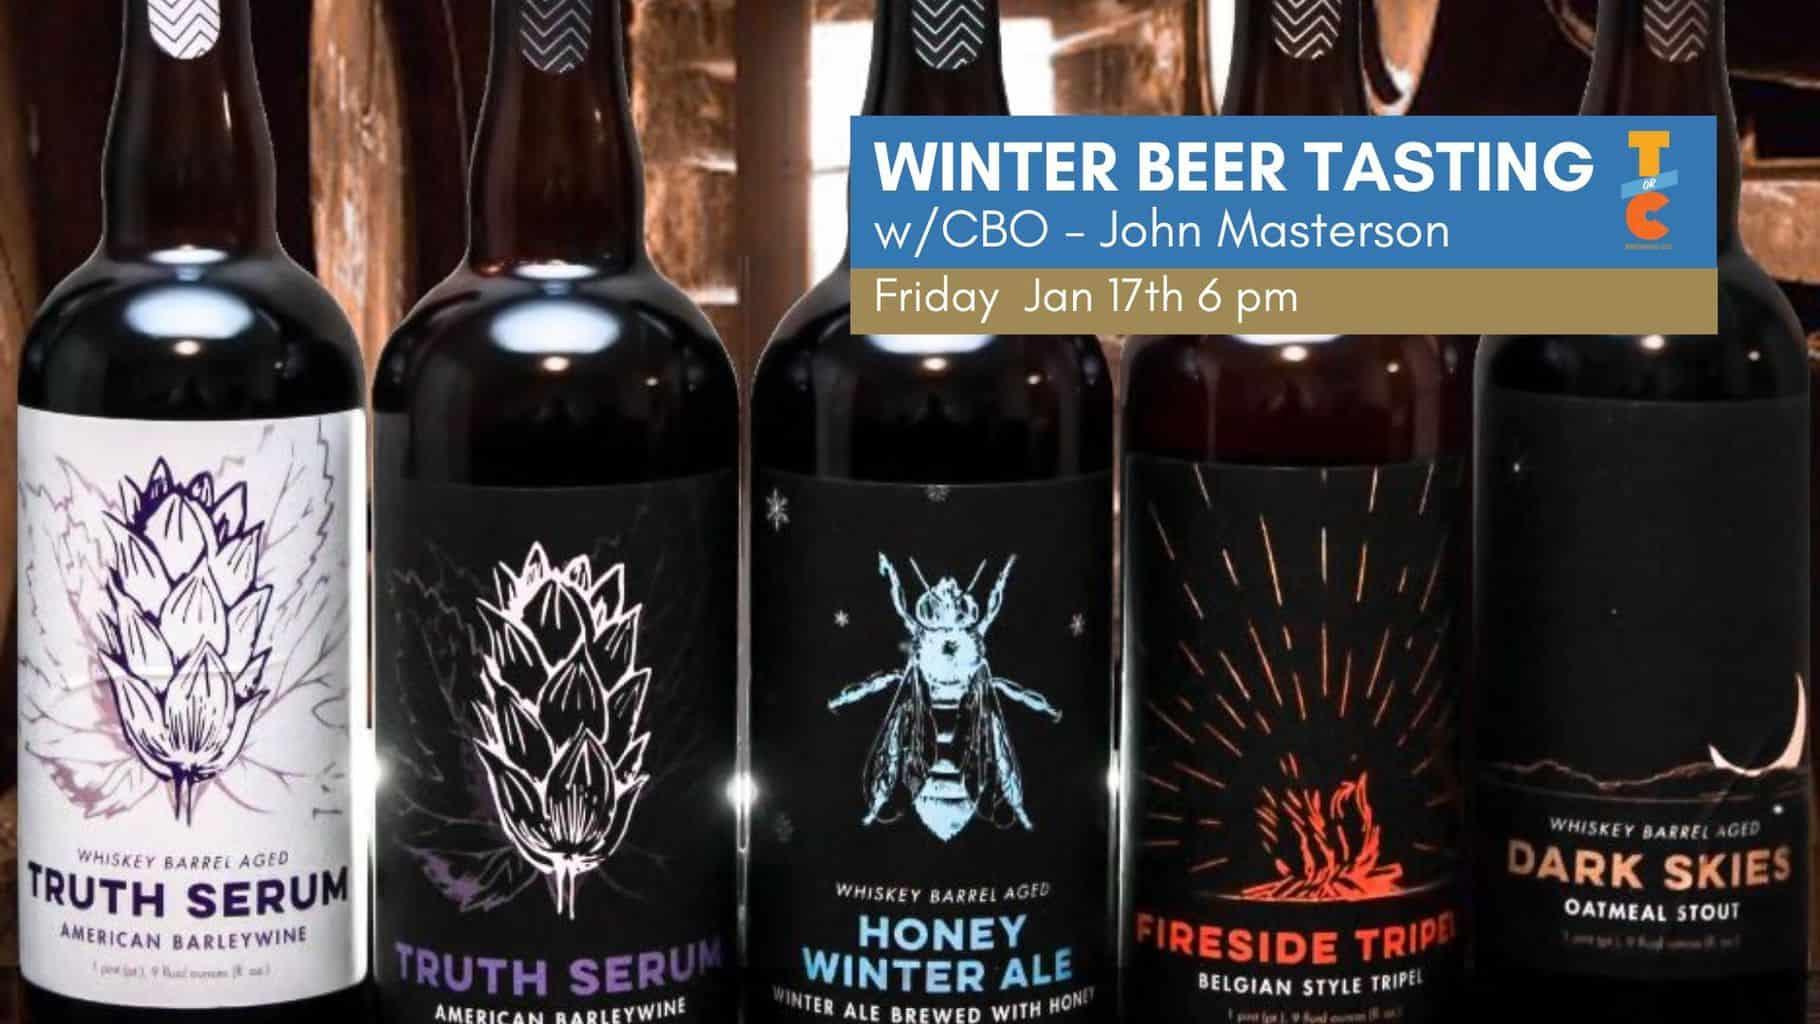 Winter Beer Tasting